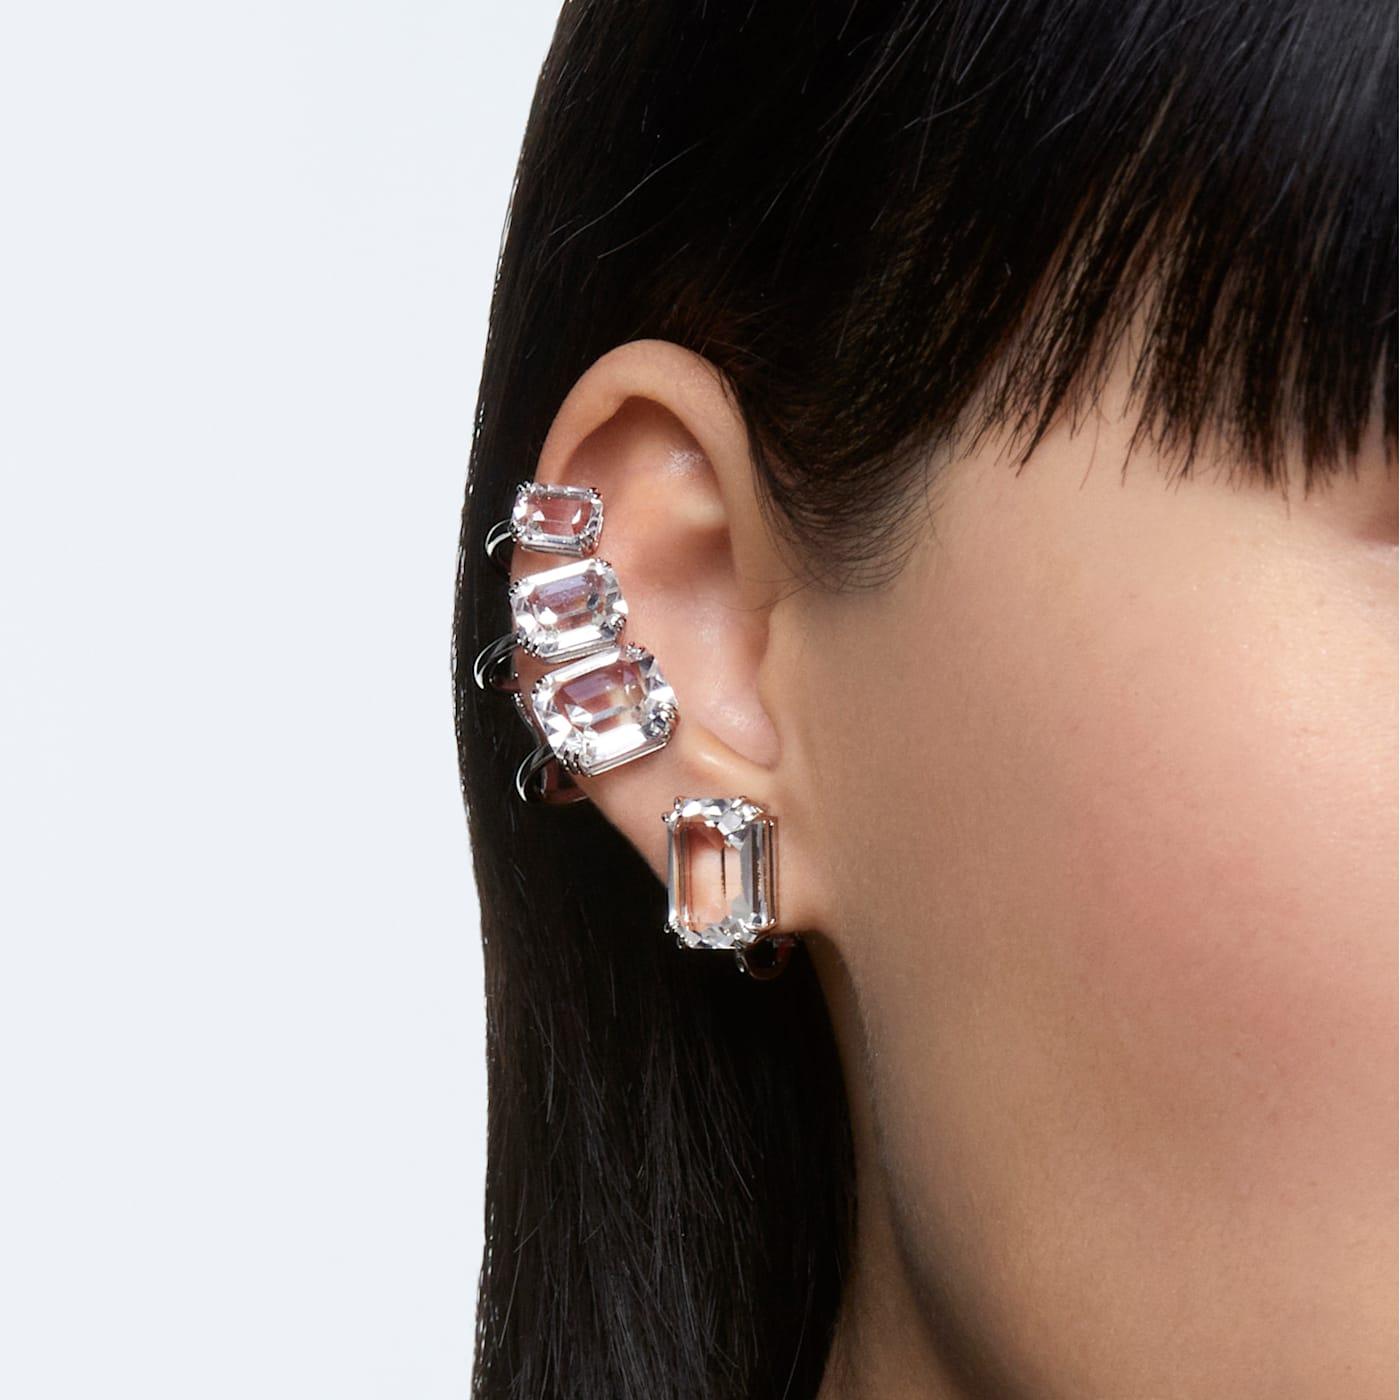 Boucle d'oreille à clipper Mesmera Mono, Cristal taille octogonale, Blanc, Métal rhodié, Swarovski